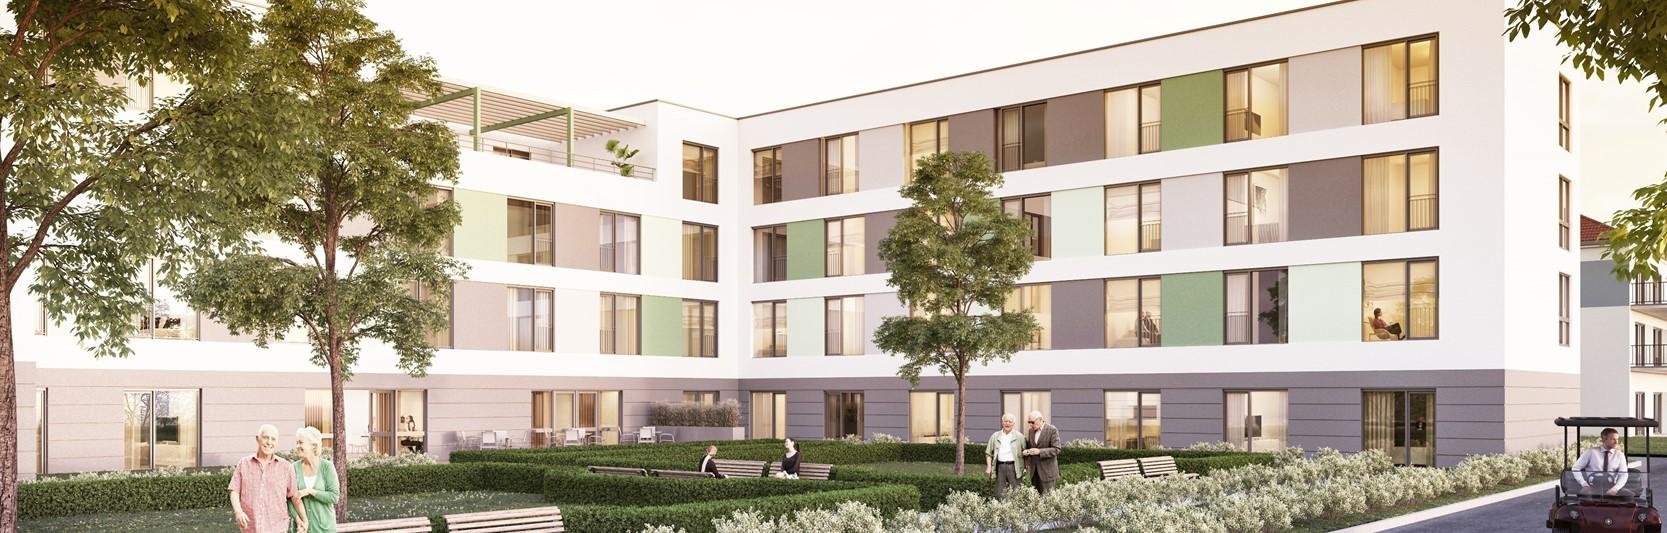 Newsartikel:Neues Pflegeheim in Altenburg freut sich über seine ersten Bewohner